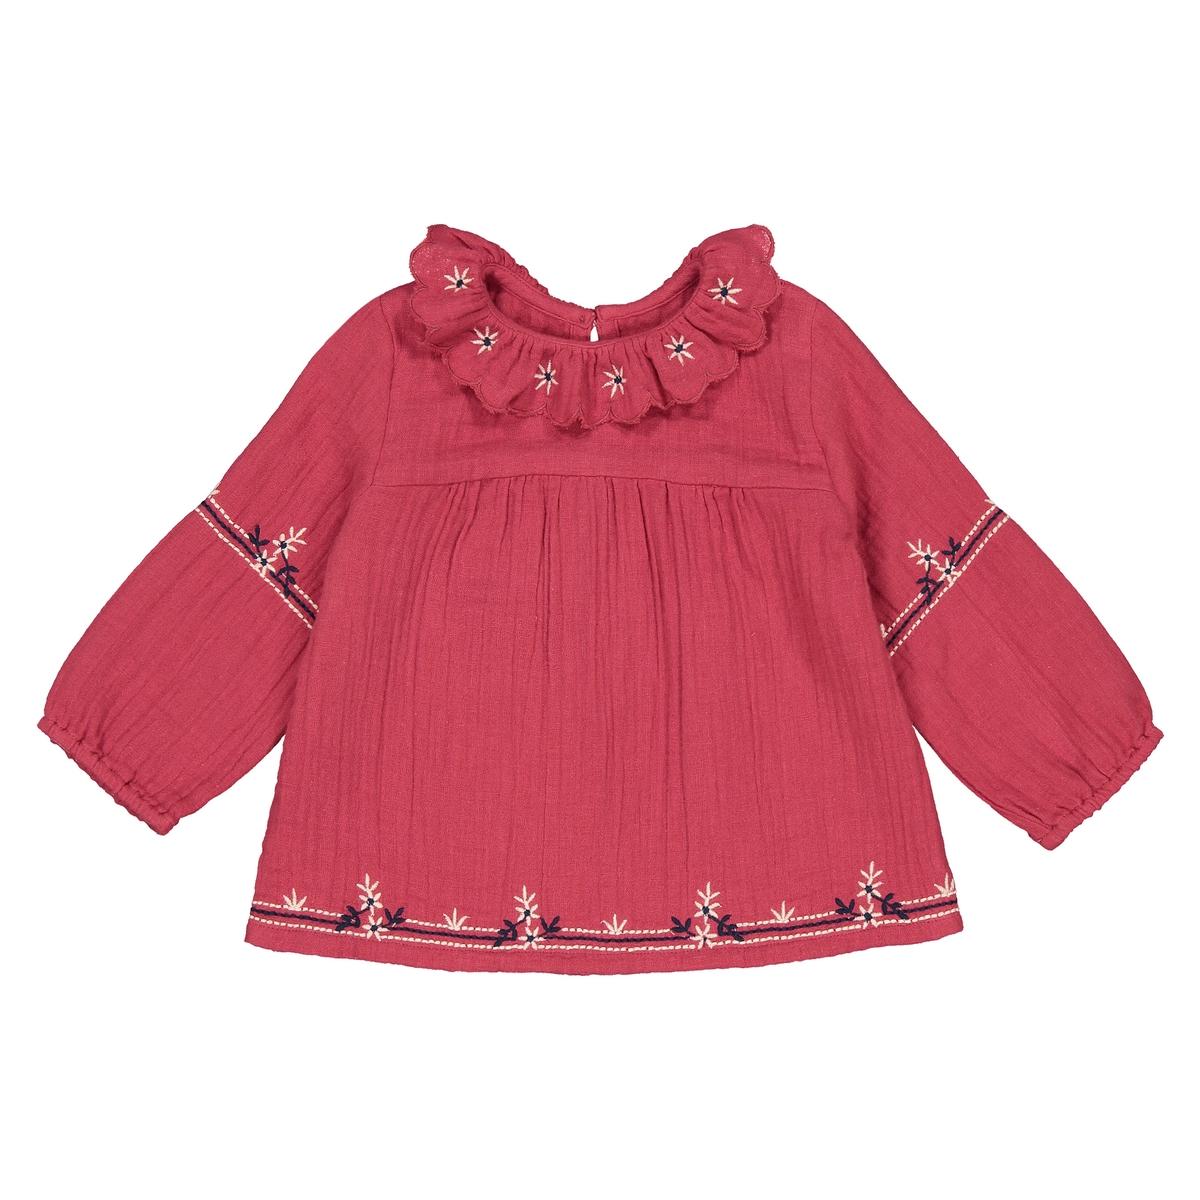 Блузка La Redoute С отложным воротником с вышивкой мес- года 1 мес. - 54 см красный шорты с вышивкой 1 мес 3 года